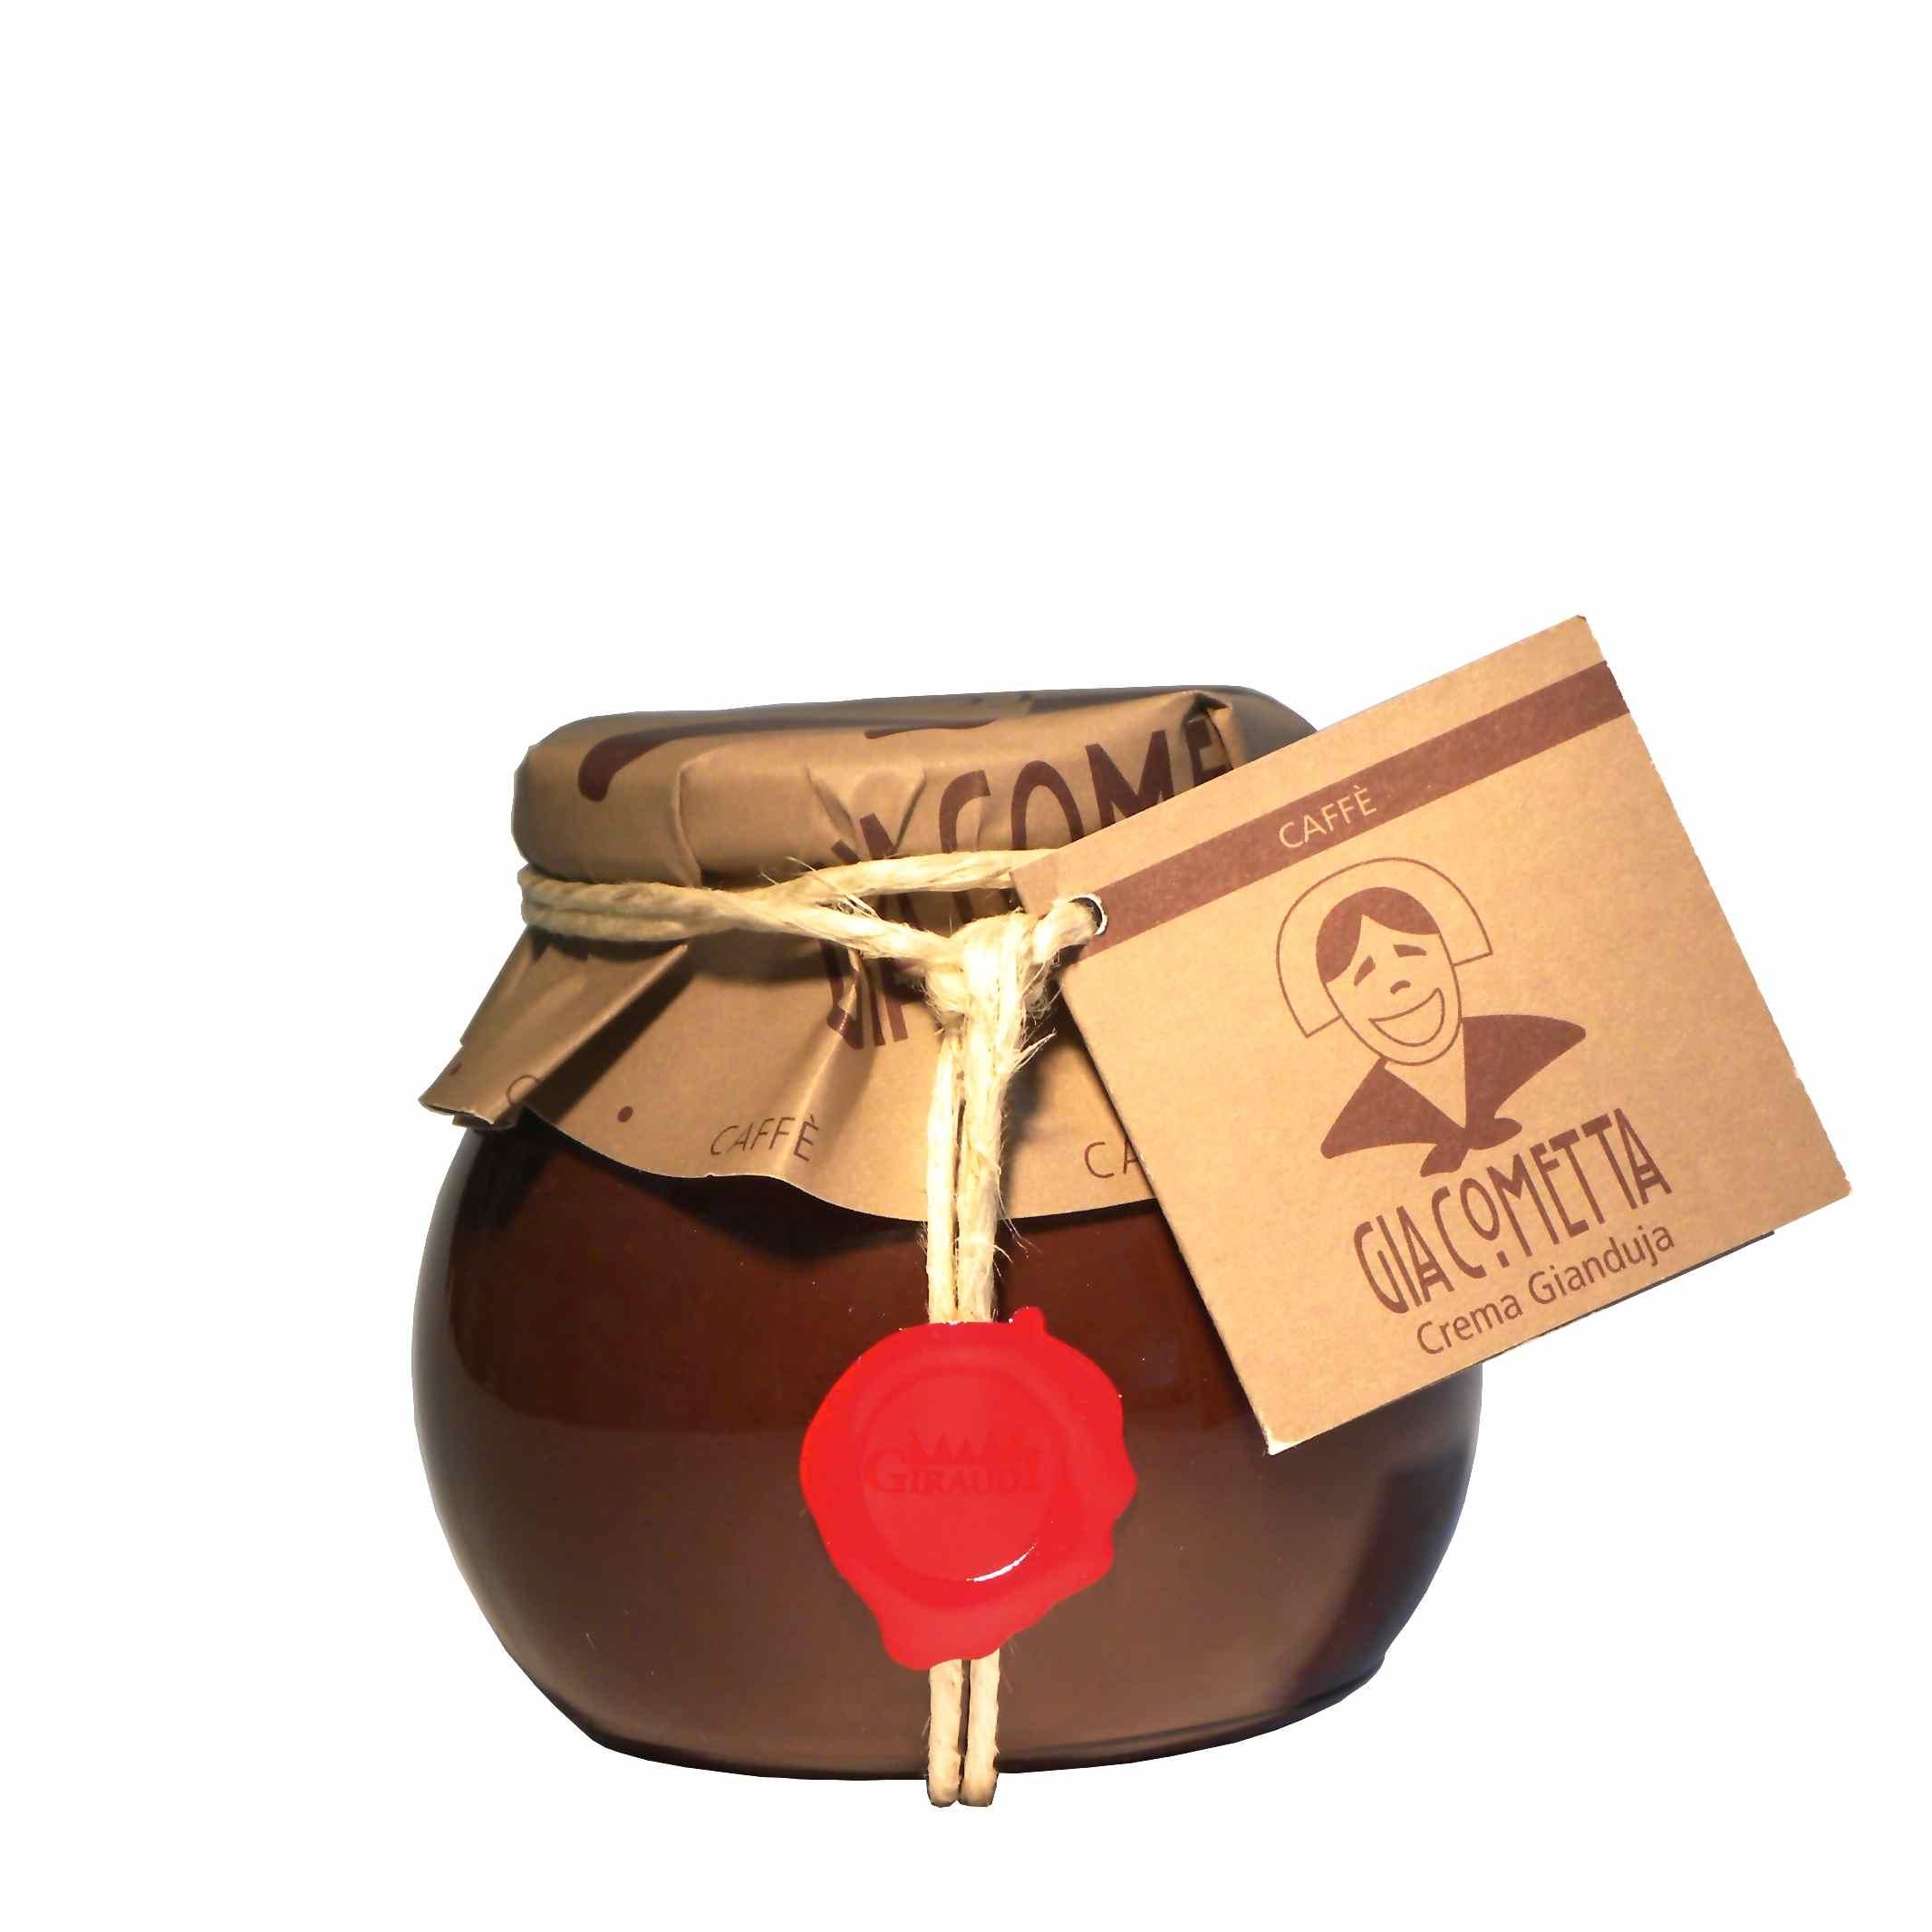 Giraudi Giacometta caffè 300 g- Giraudi Giacometta coffe spread 300 g – Gustorotondo – Italian food boutique